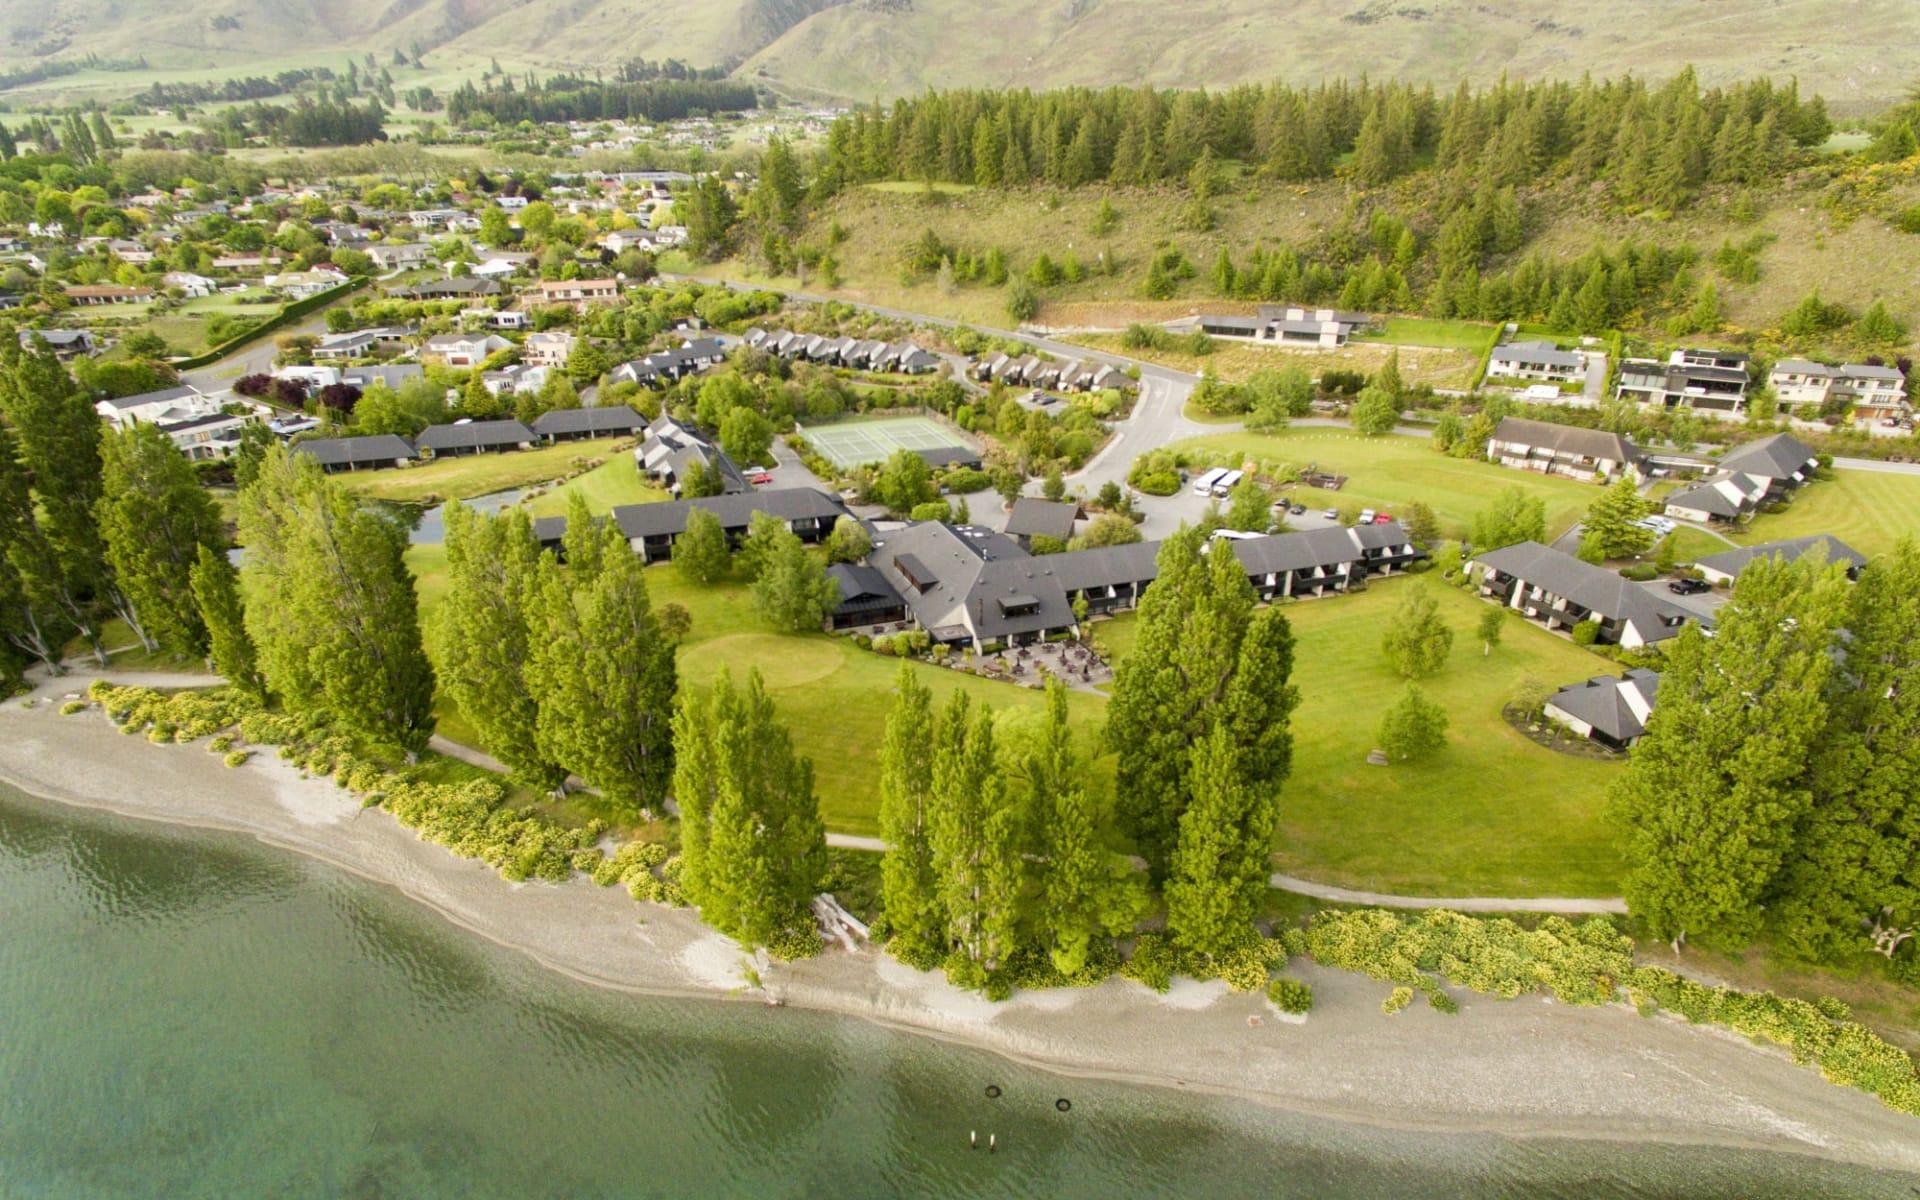 Edgewater Resort in Wanaka:  Edgewater_Aerial_Full View From Lake 2